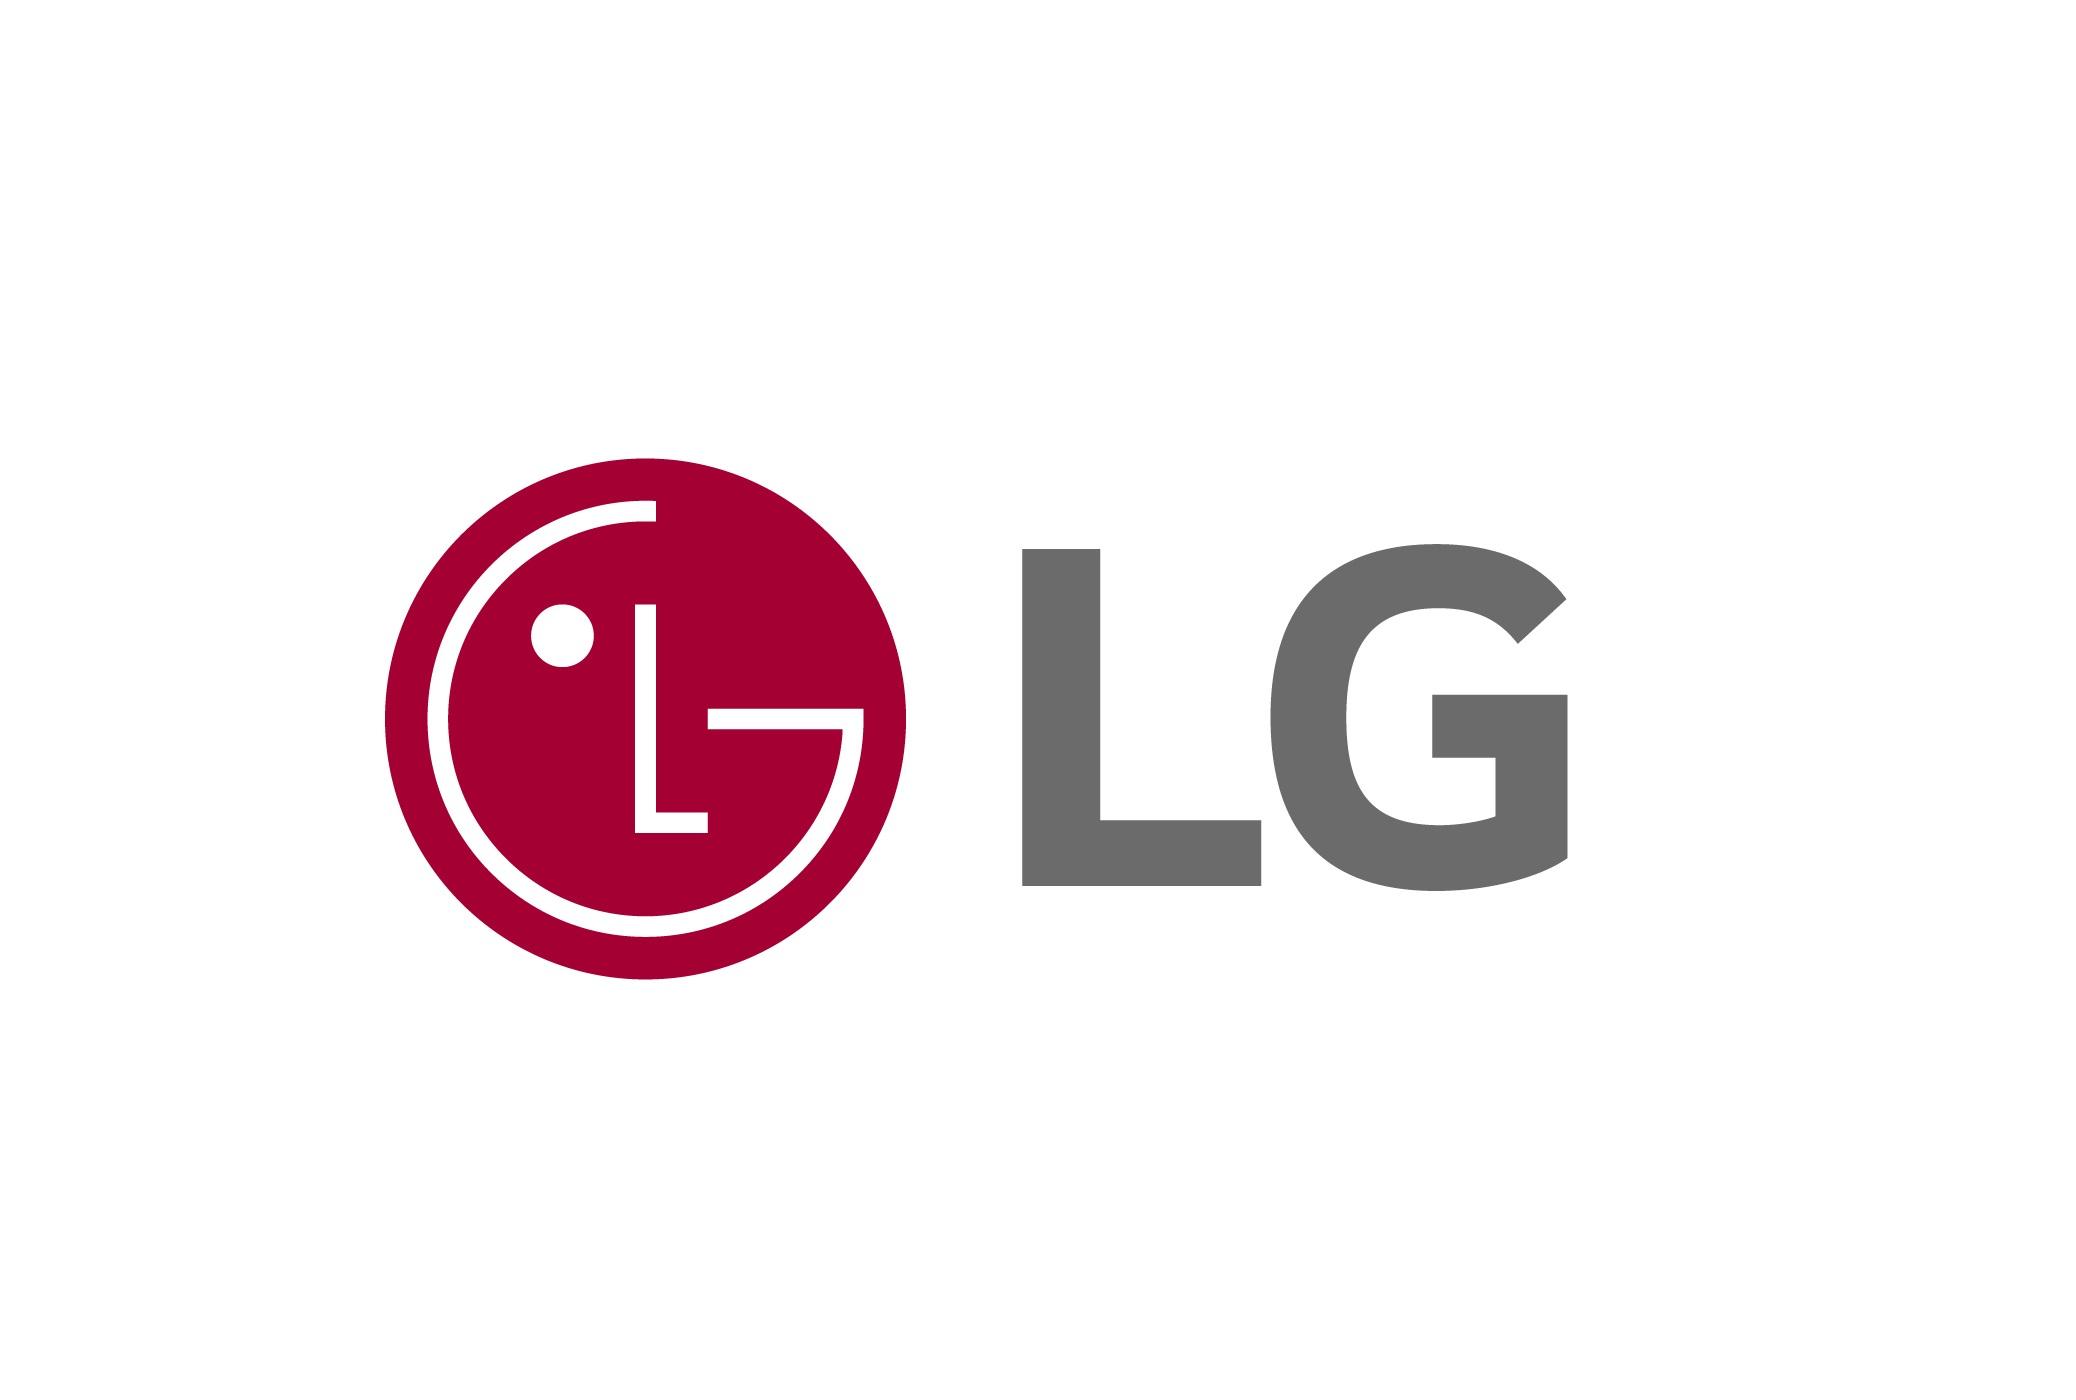 LG принимает активные меры по снижению выбросов парниковых газов